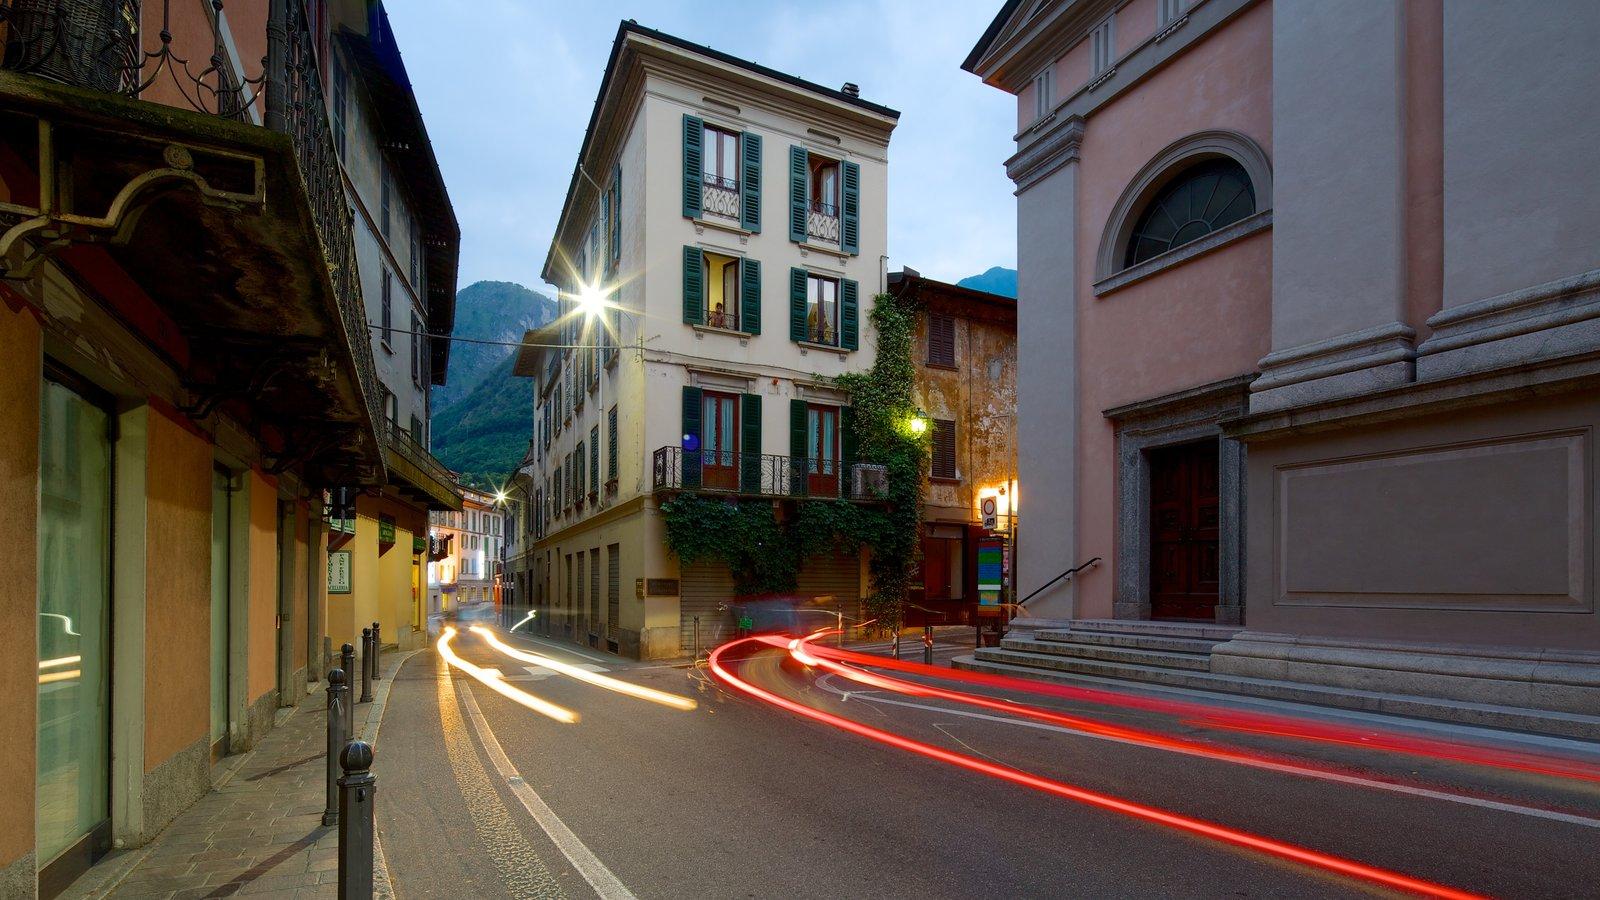 Menaggio which includes night scenes, street scenes and heritage architecture